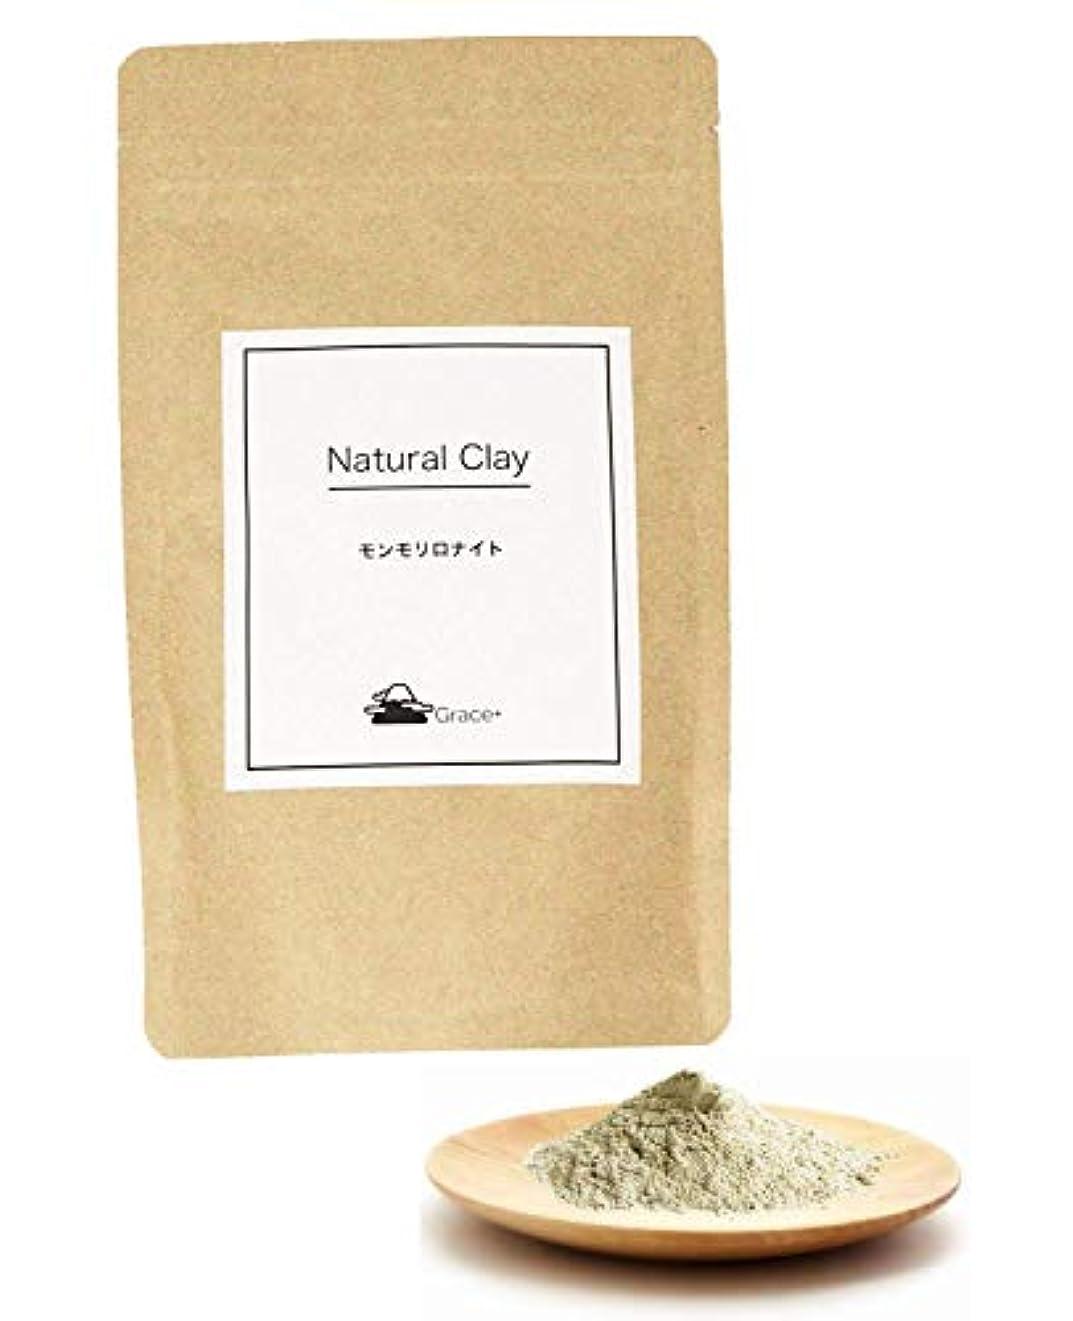 サドル口ためらう手作り化粧品の素材 Grace+ ナチュラルクレイ(Natural Clay) モンモリロナイト (ベントナイト) (200g)